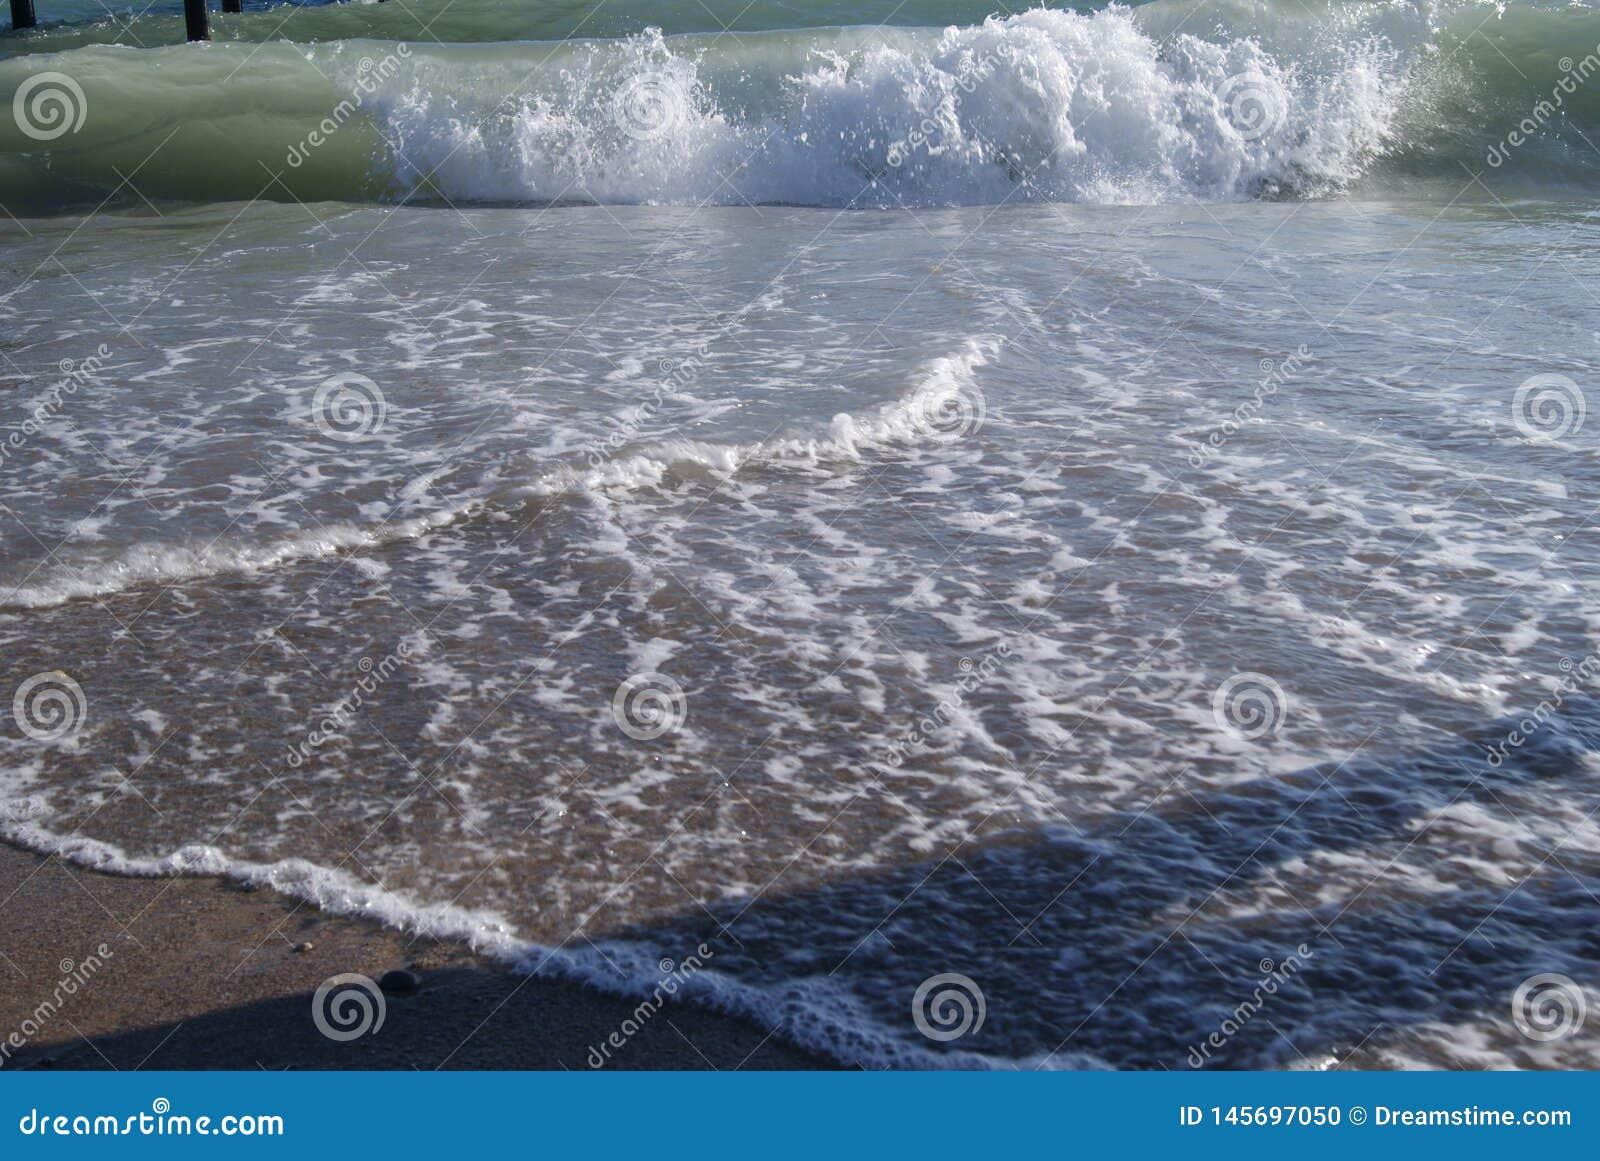 Det Turkiet havet vilar länder var den vita sanden och den blåa waten